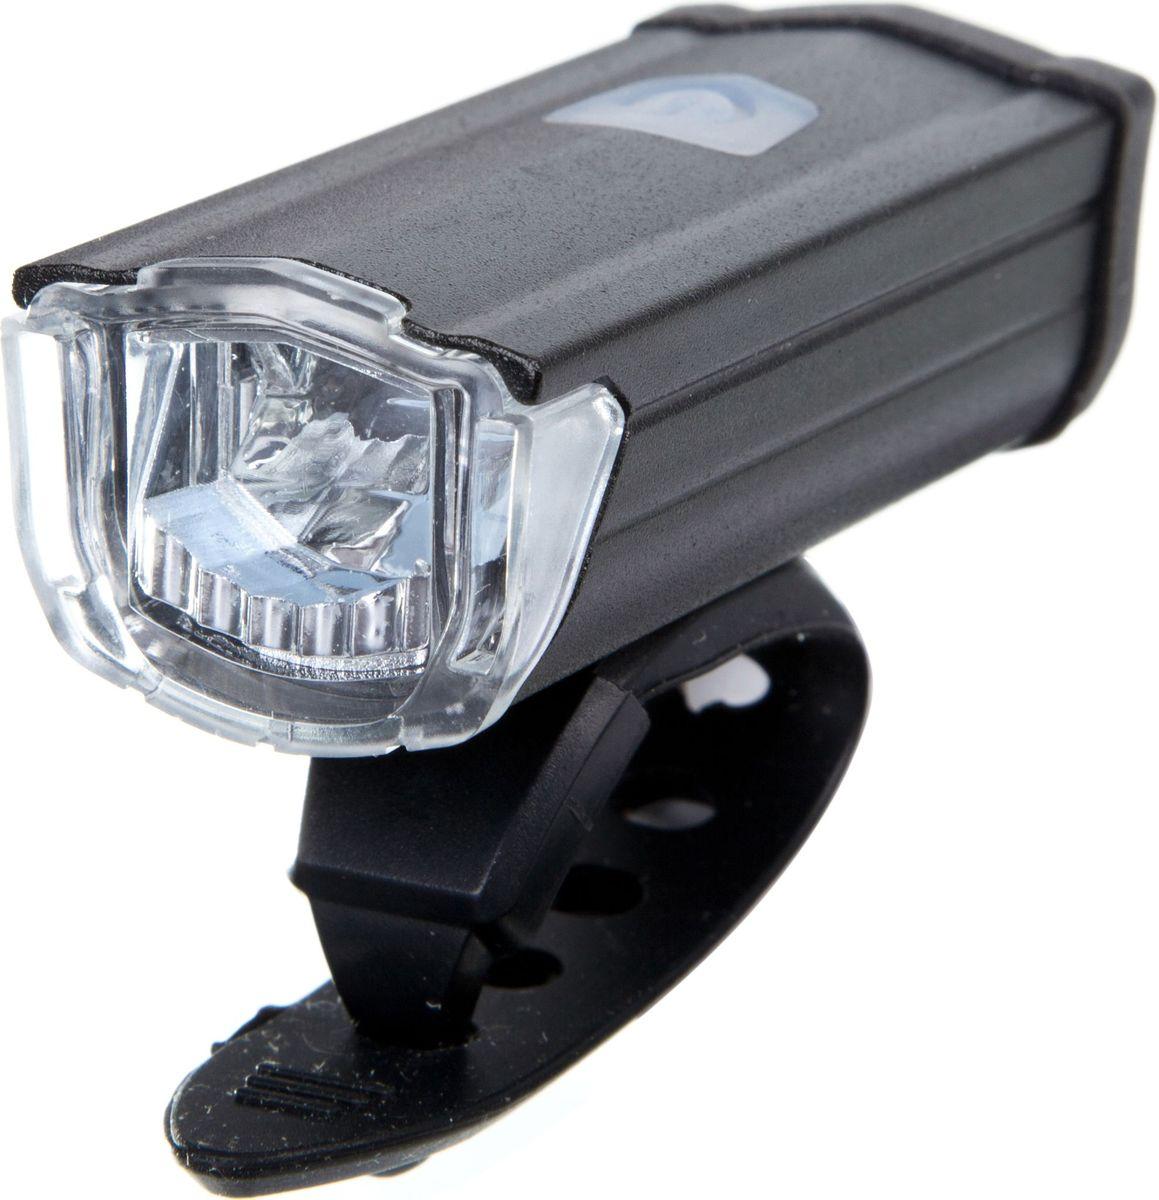 Фонарь велосипедный STG JY7040, передний, USB, 3.7V/550mAh, цвет: черныйMW-1462-01-SR серебристыйЛегкий и компактный передний фонарь в алюминиевом корпусе с USB зарядкой. Экономичное потребление энергии для долгой работы. Встроенный аккумулятор 3.7V/550mAh.